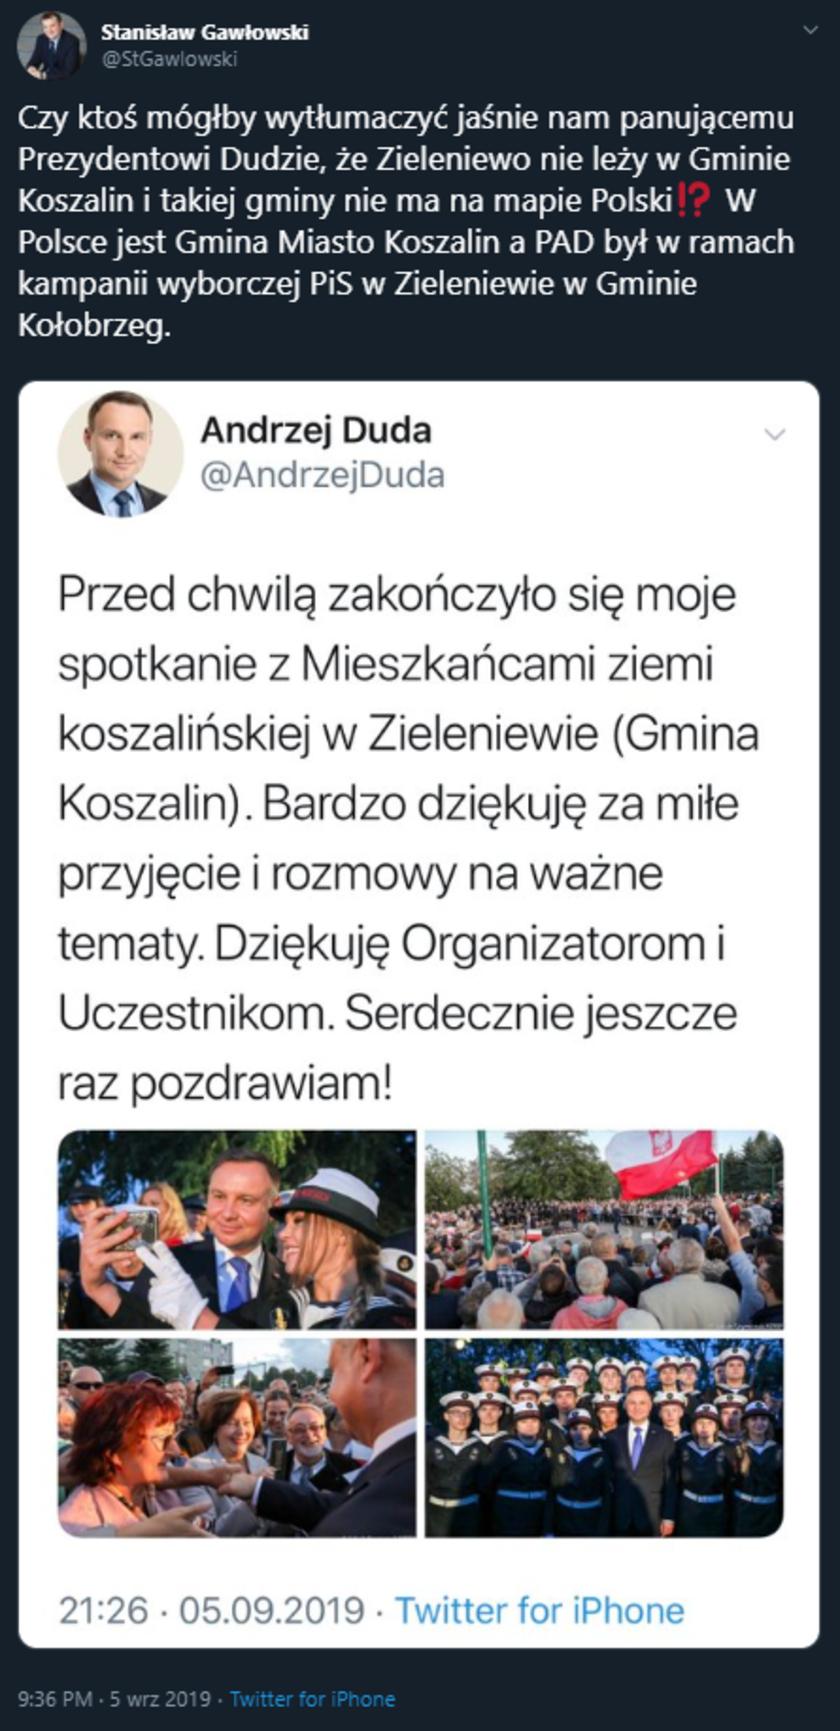 Andrzej Duda Kołobrzeg